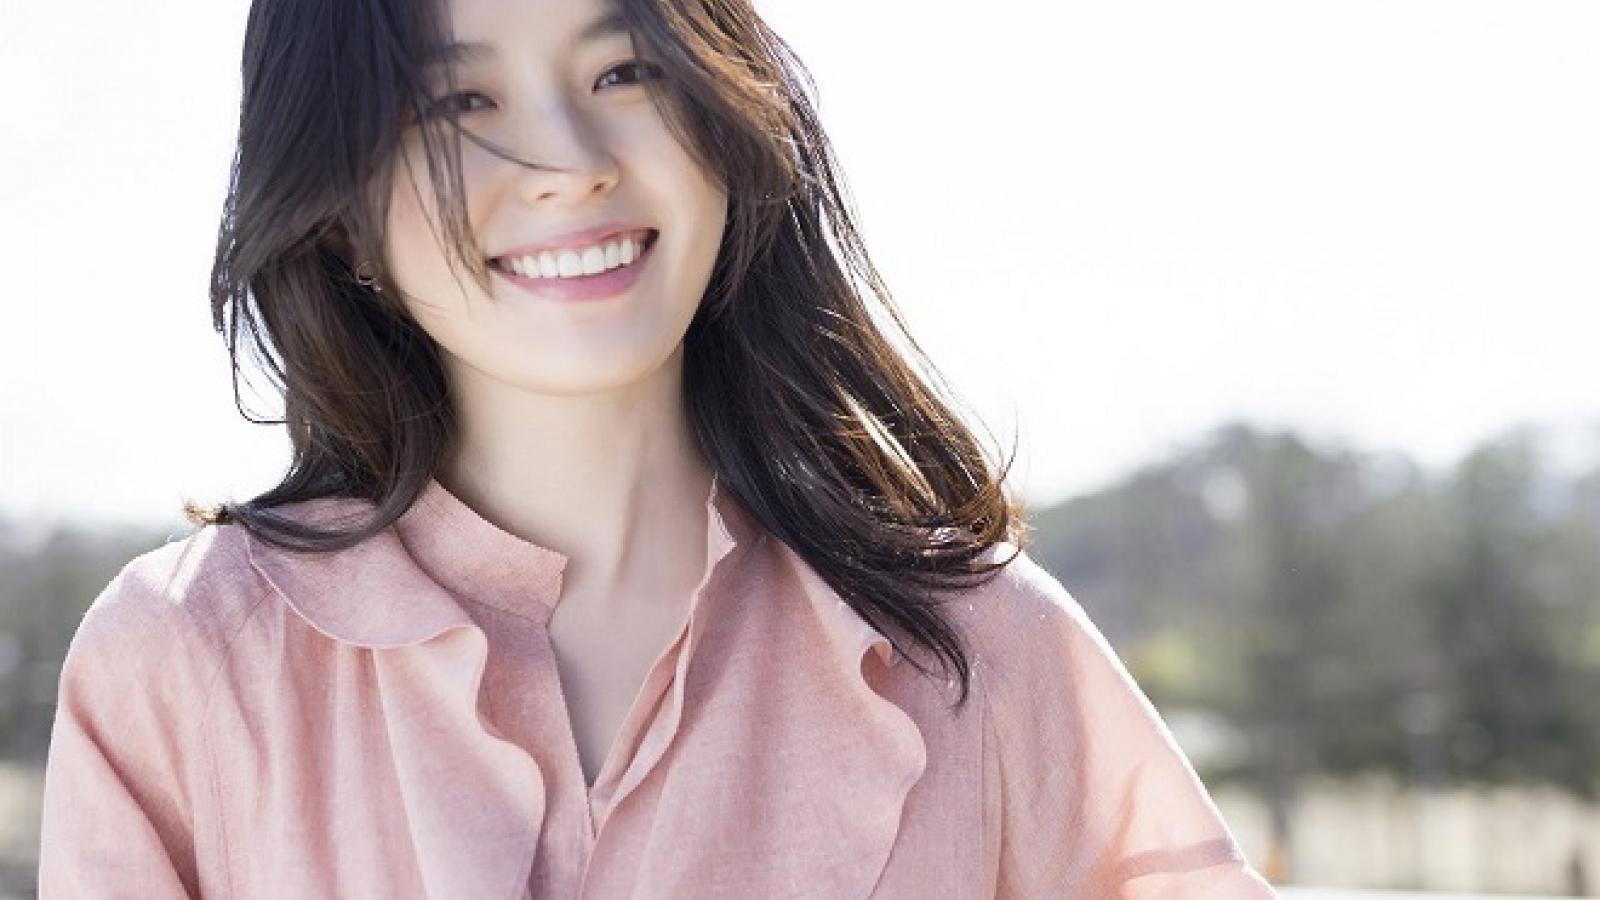 Phụ nữ 30 tuổi cần trang bị sức khỏe, sắc đẹp và sự tự tin